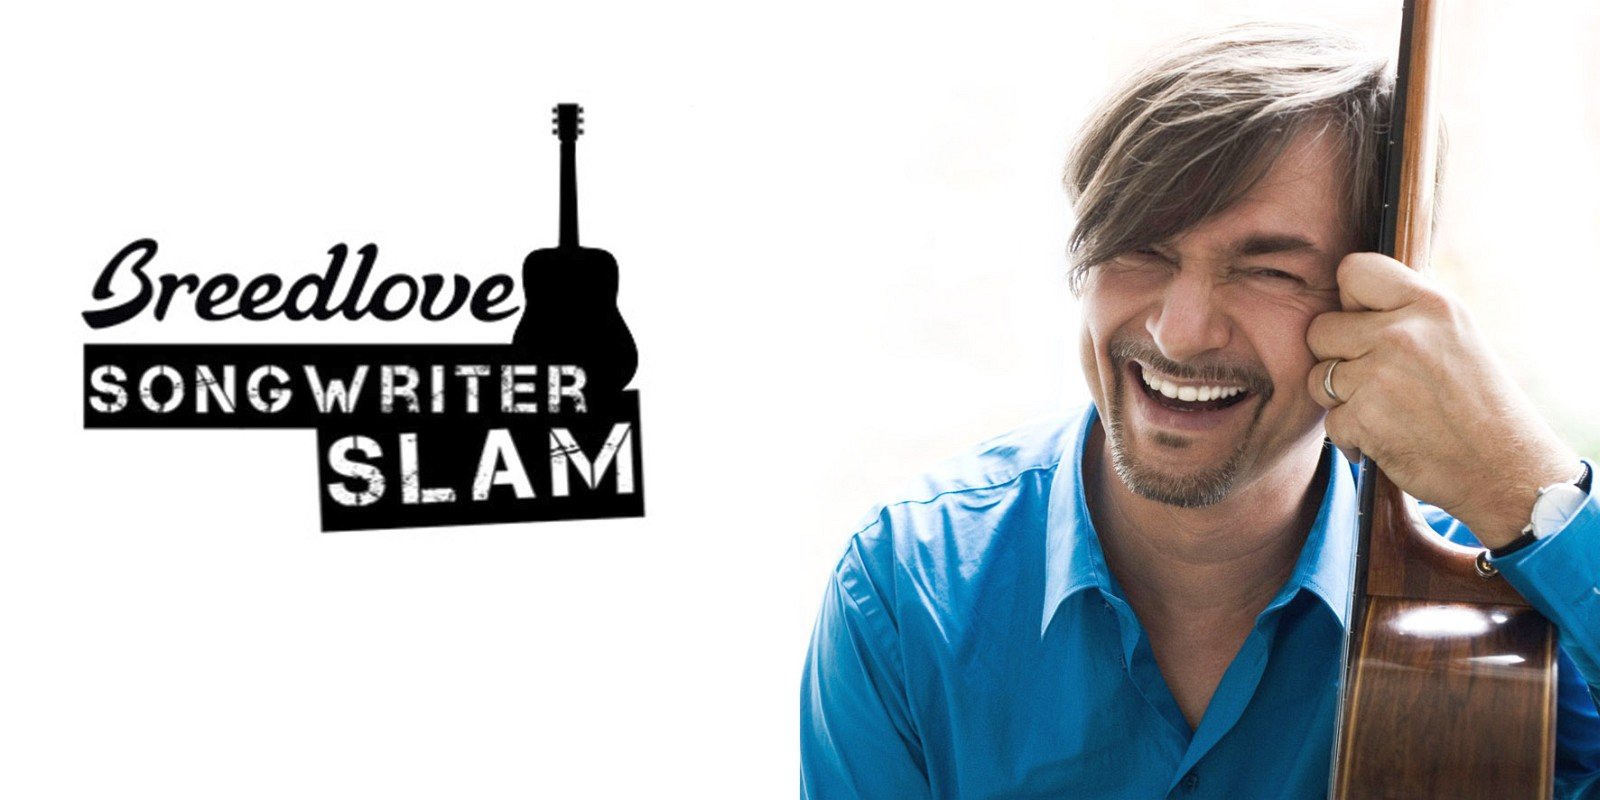 Breedlove Songwriter Slam